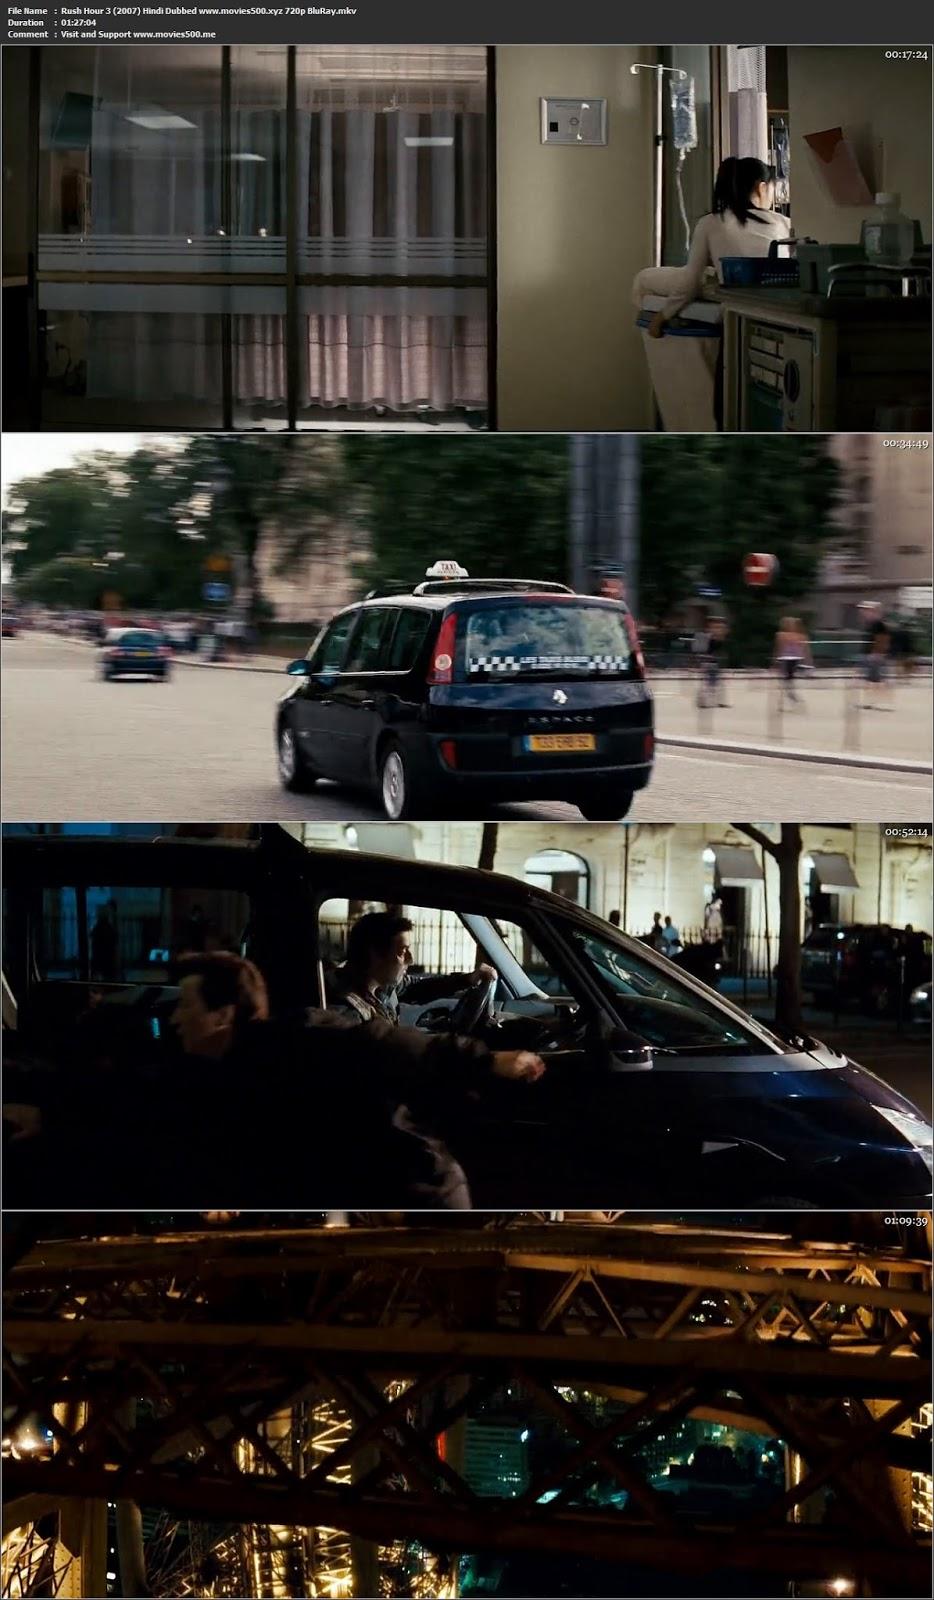 Rush Hour 3 (2007) Dual Audio Hindi Full Movie BluRay 720p at movies500.site